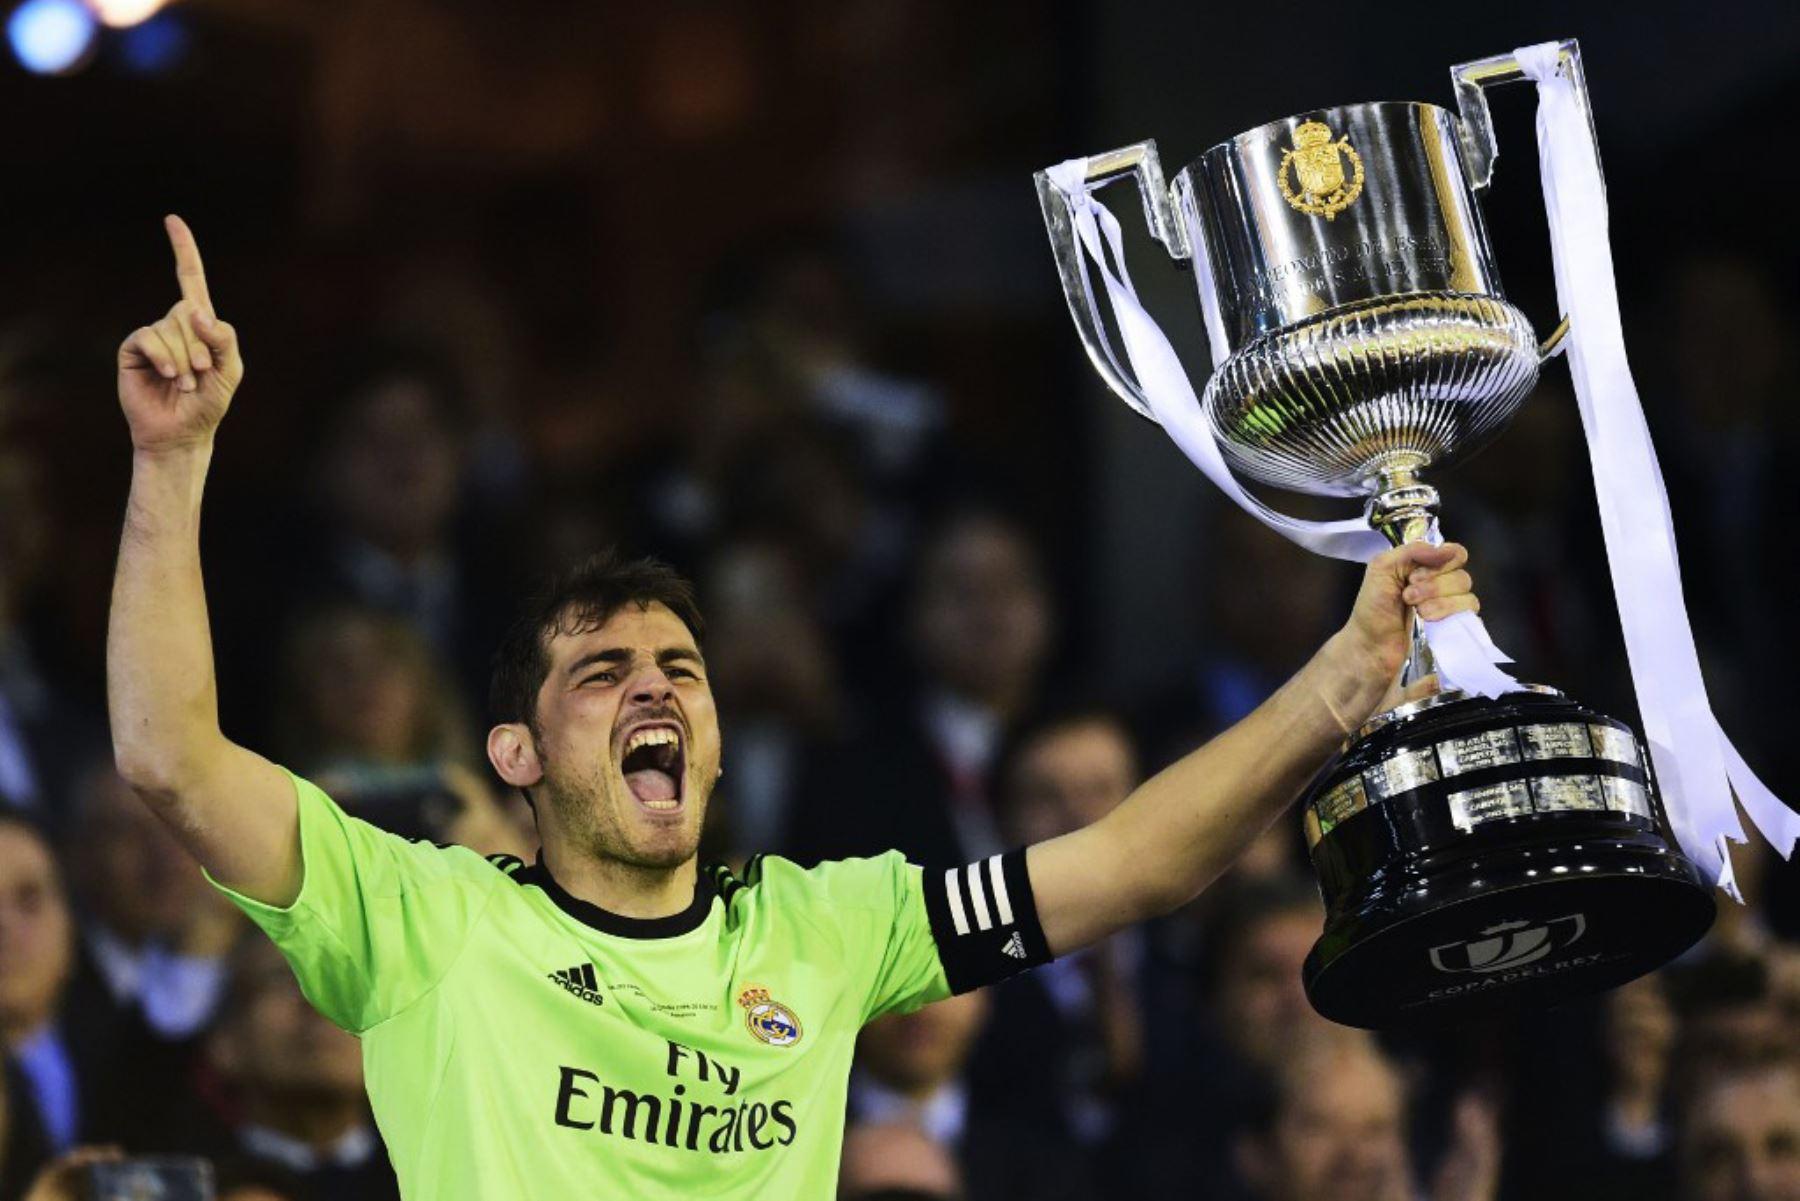 El portero del Real Madrid, Iker Casillas, sostiene el trofeo mientras celebra después de ganar el partido final de la Copa del Rey frente al Barcelona en el Mestalla estadio en Valencia. Foto: AFP